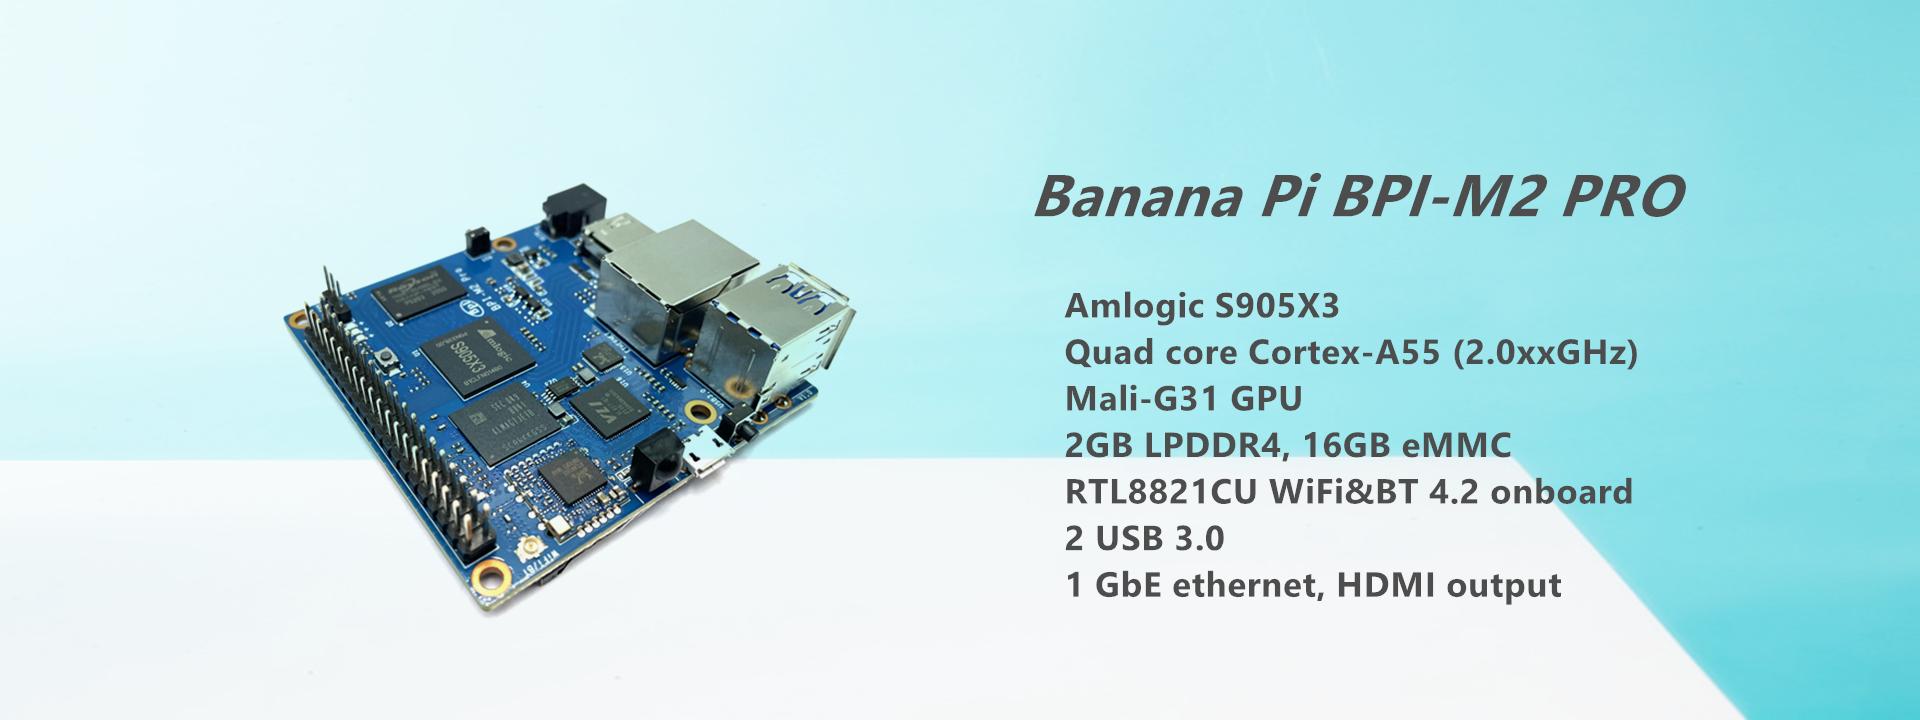 香蕉派BPI-M2的相关参数